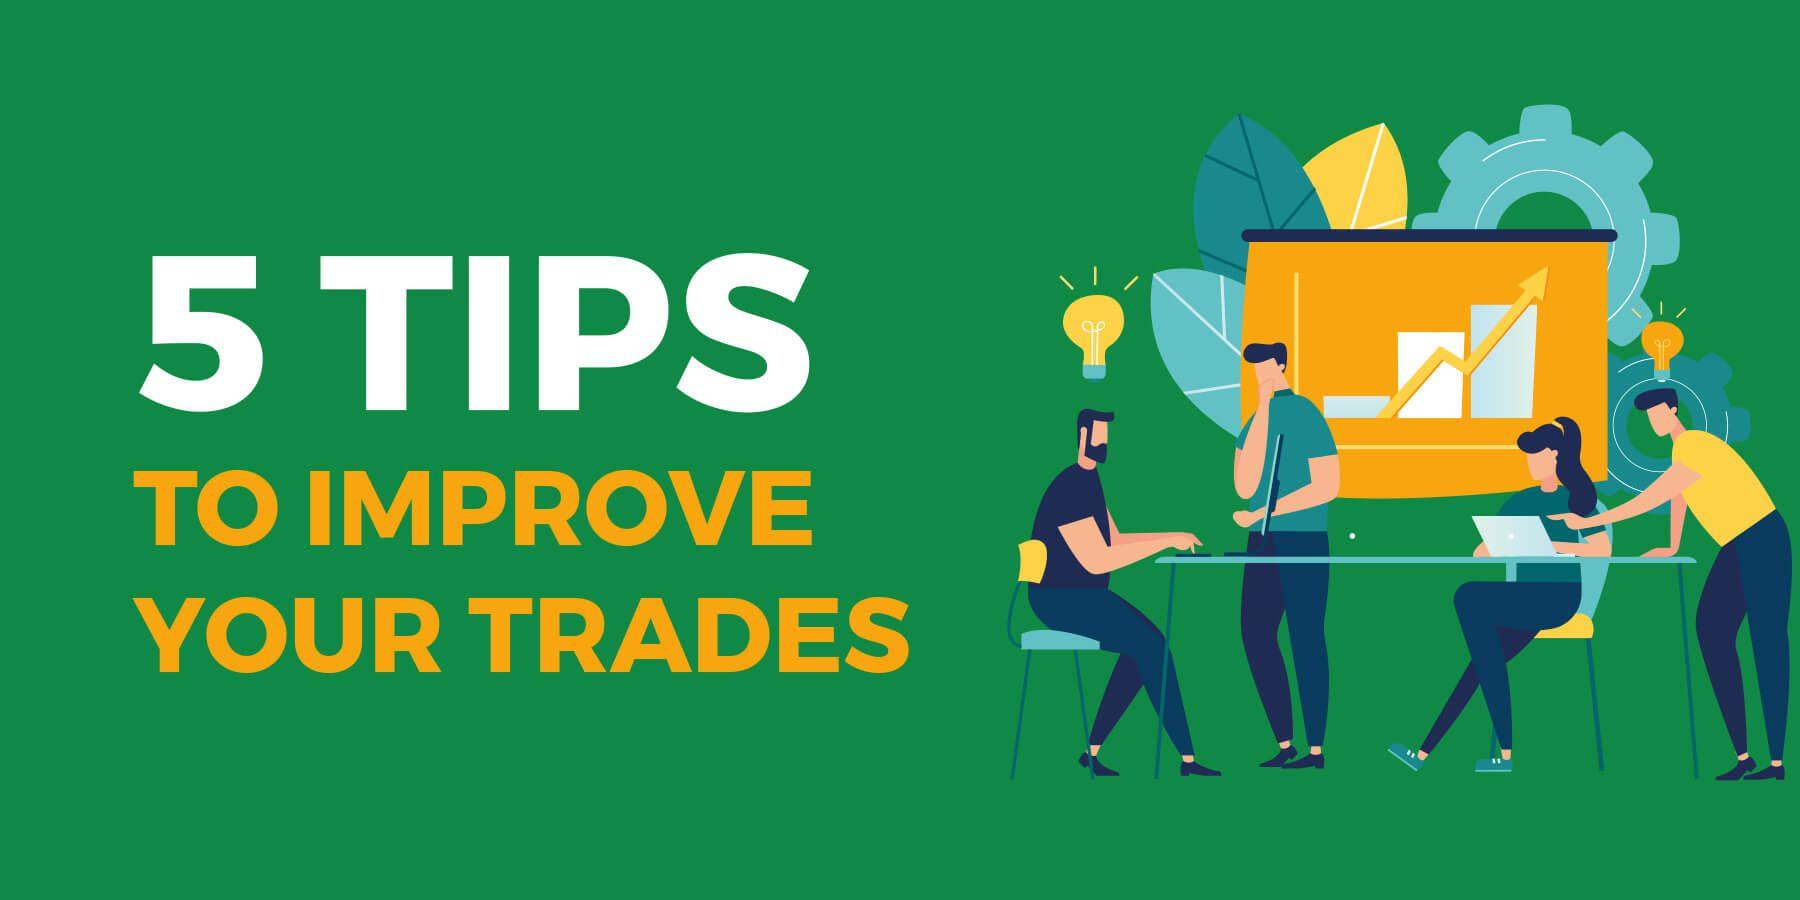 5 mẹo để cải thiện giao dịch của bạn nếu bạn kém hiệu quả